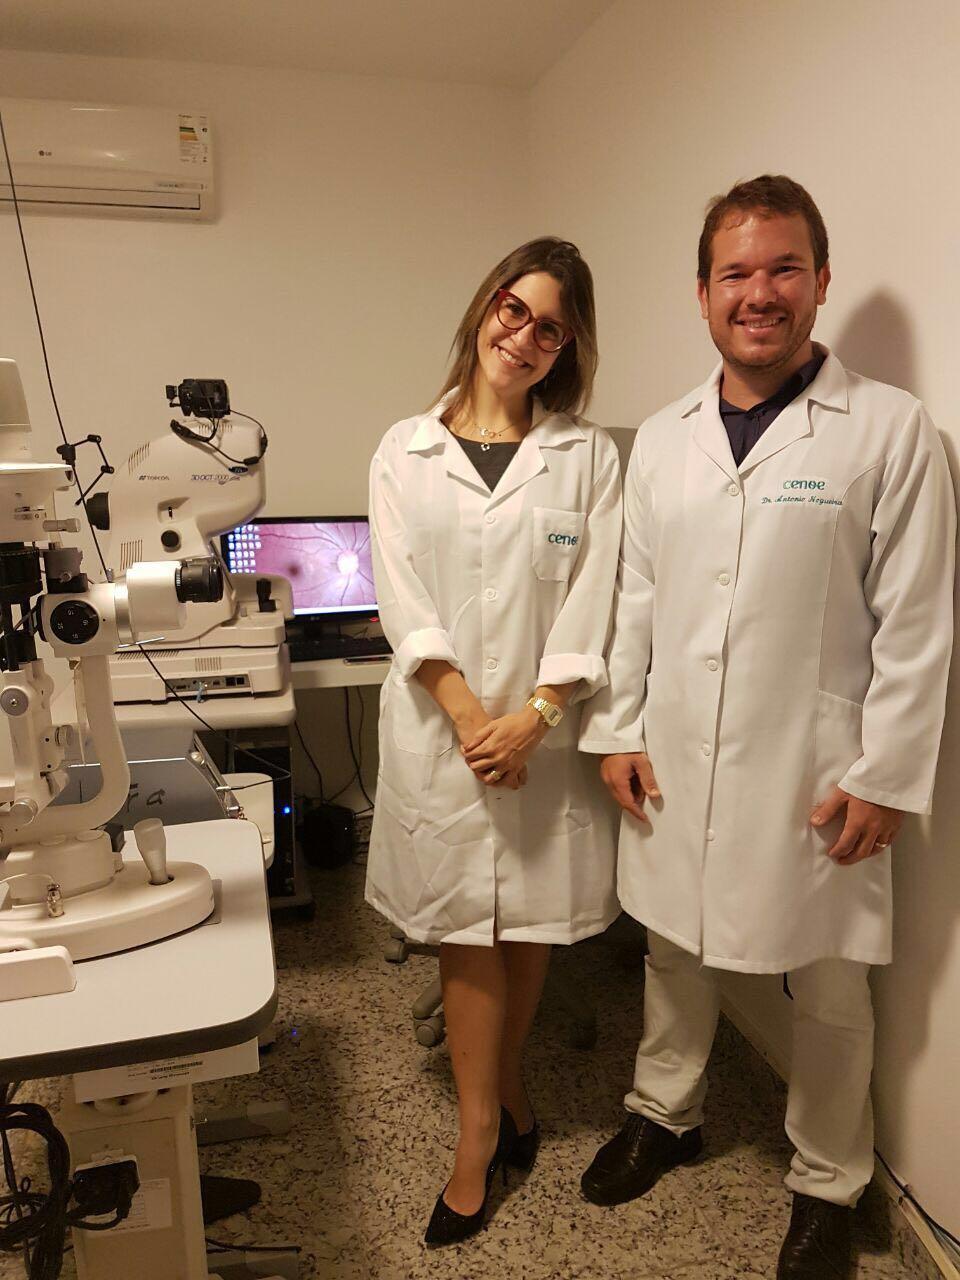 A médica oftalmologista Juliana Ávila veio trabalhar em Ilhéus a convite do colega Antônio Nogueira, do CENOE.